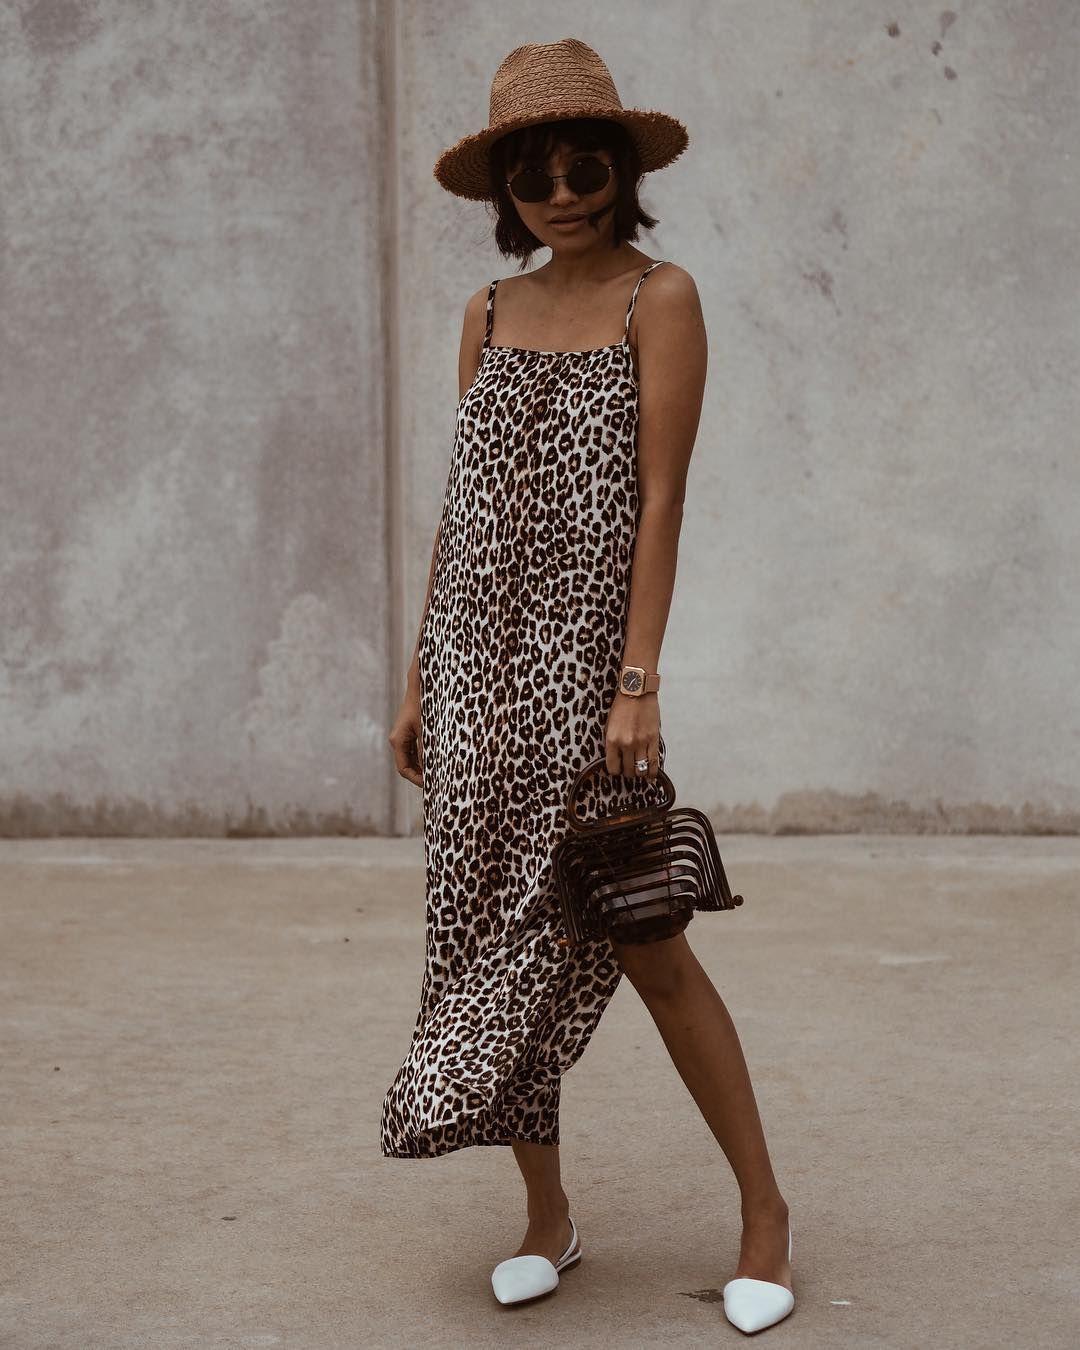 La Imagen Puede Contener Una Persona De Pie Slip Dress Outfit Leopard Maxi Skirts Dress With Boots